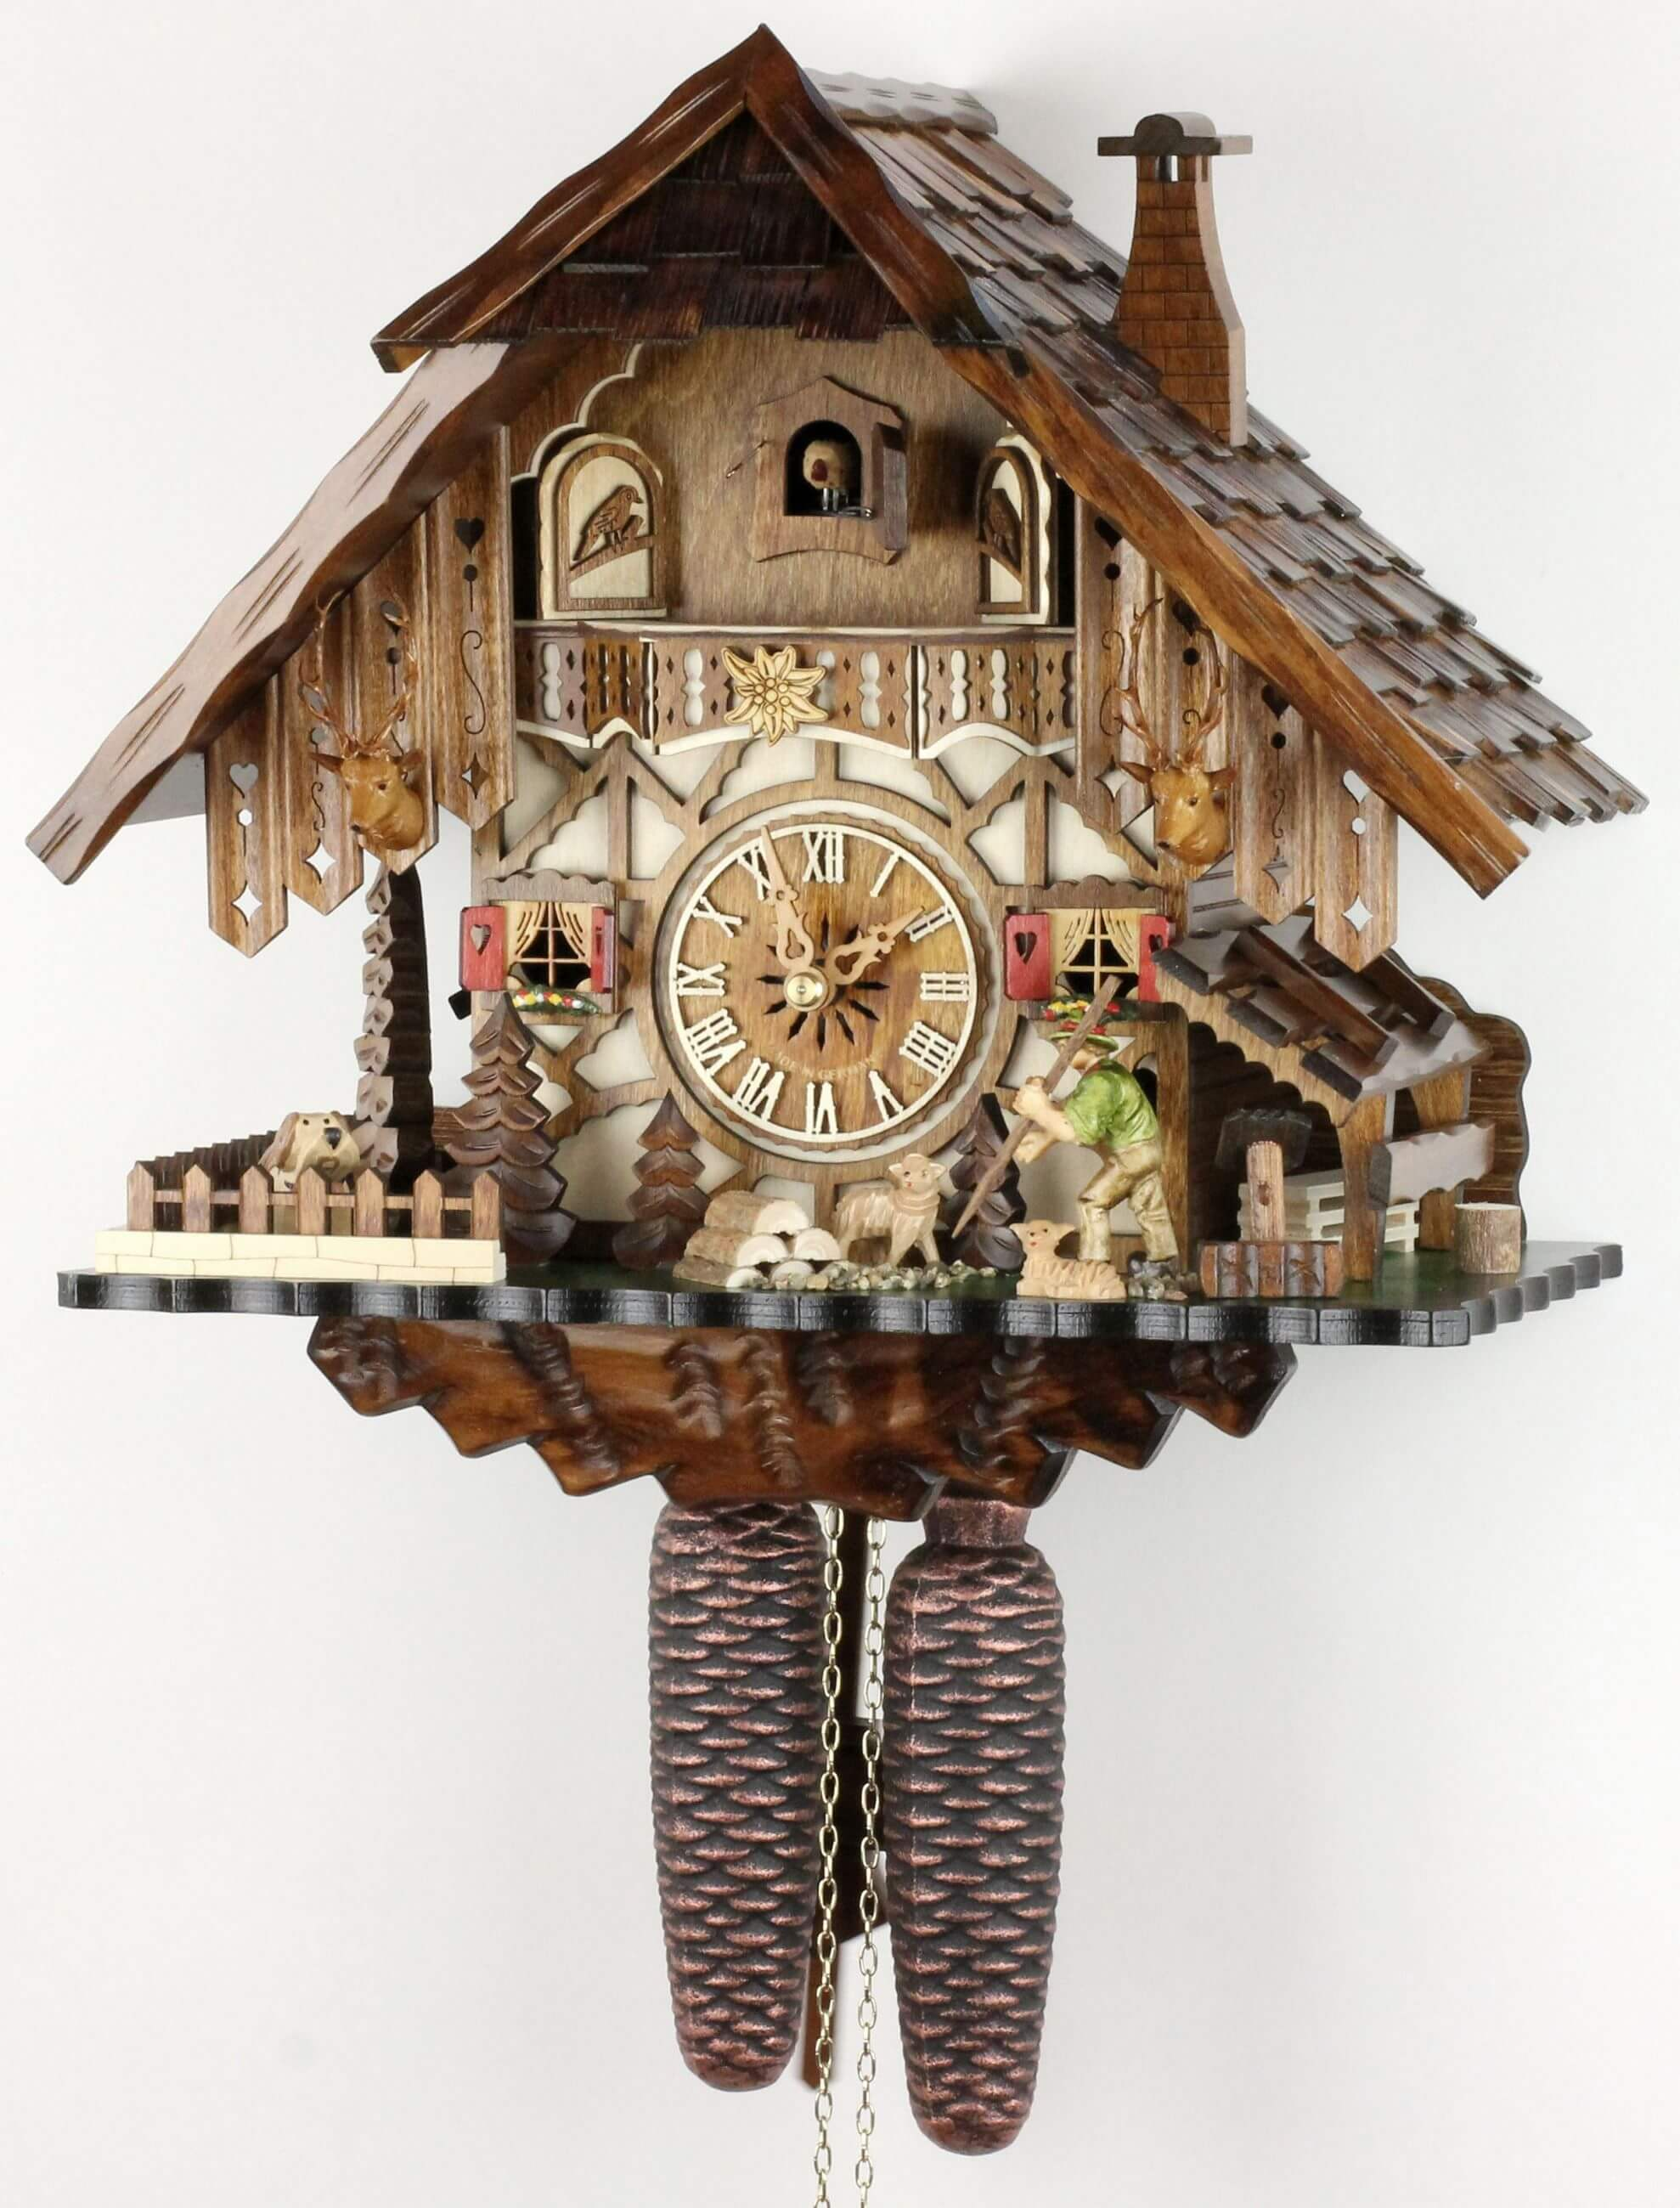 schwarzwaldhaus 35cm kuckucksuhr original schwarzw lder kuckuckuhr ech ebay. Black Bedroom Furniture Sets. Home Design Ideas